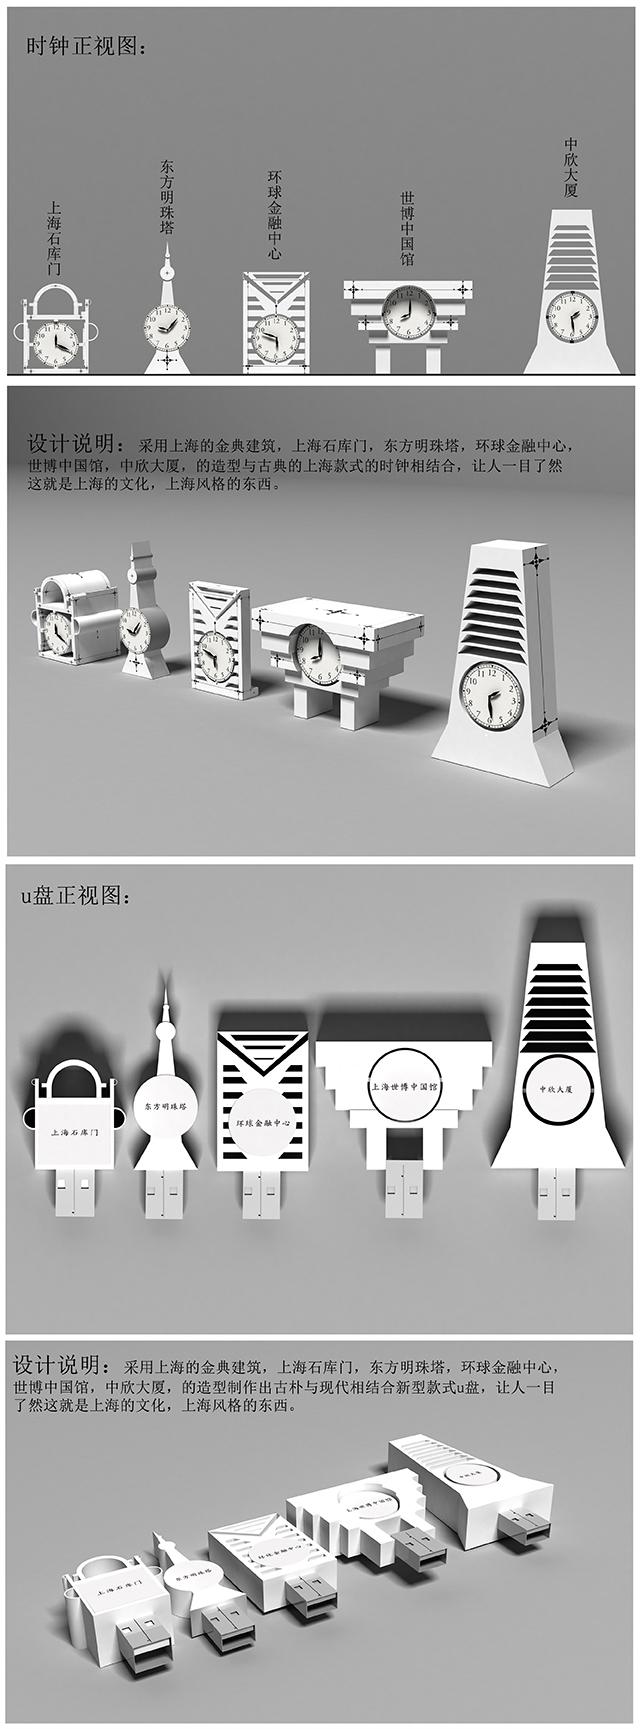 旅游纪念品设计图片